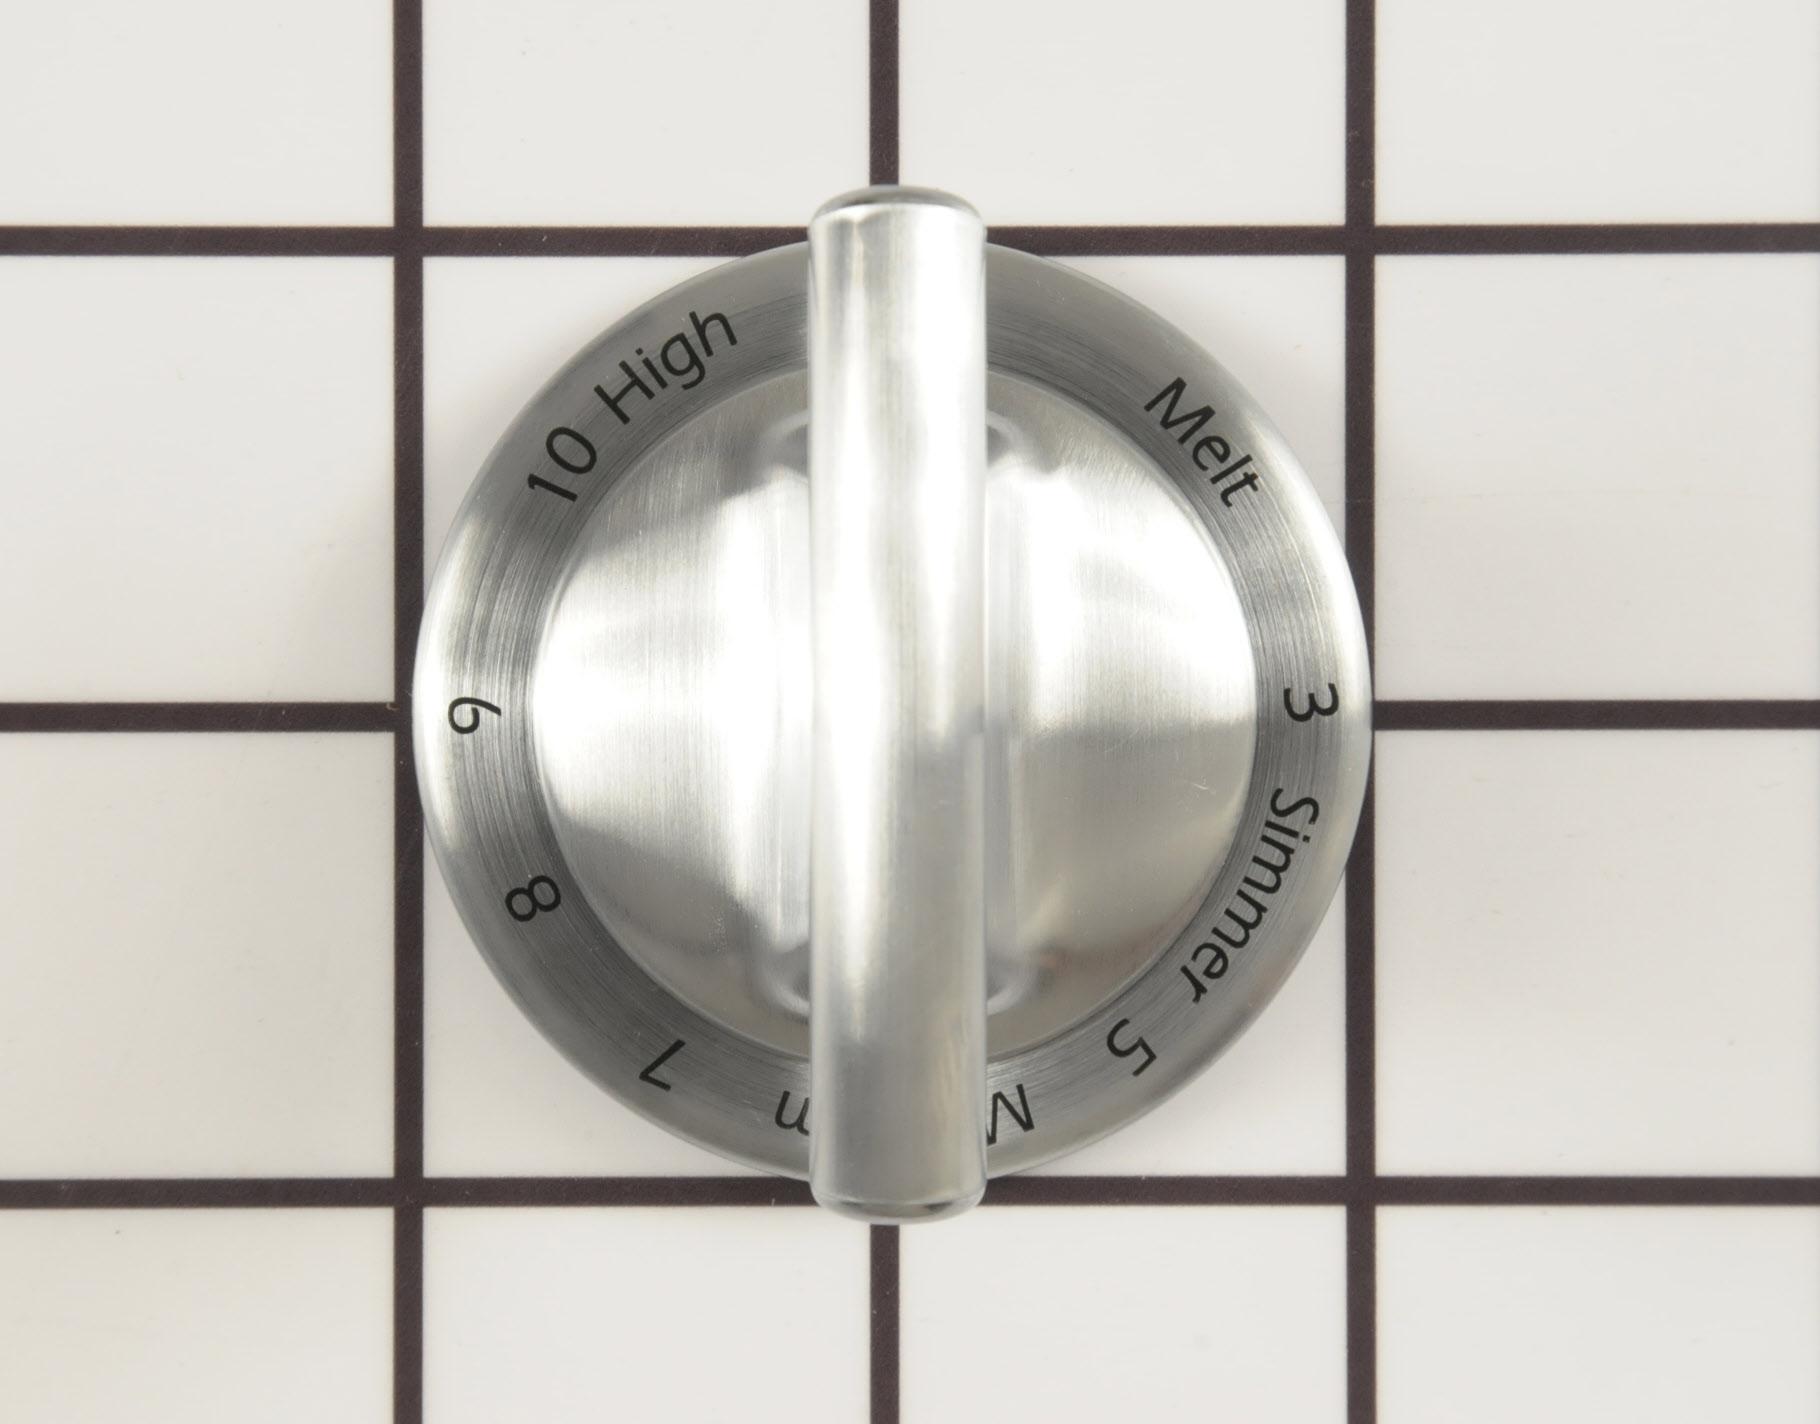 Jenn Air Range/Stove/Oven Part # WP74011580 - Control Knob